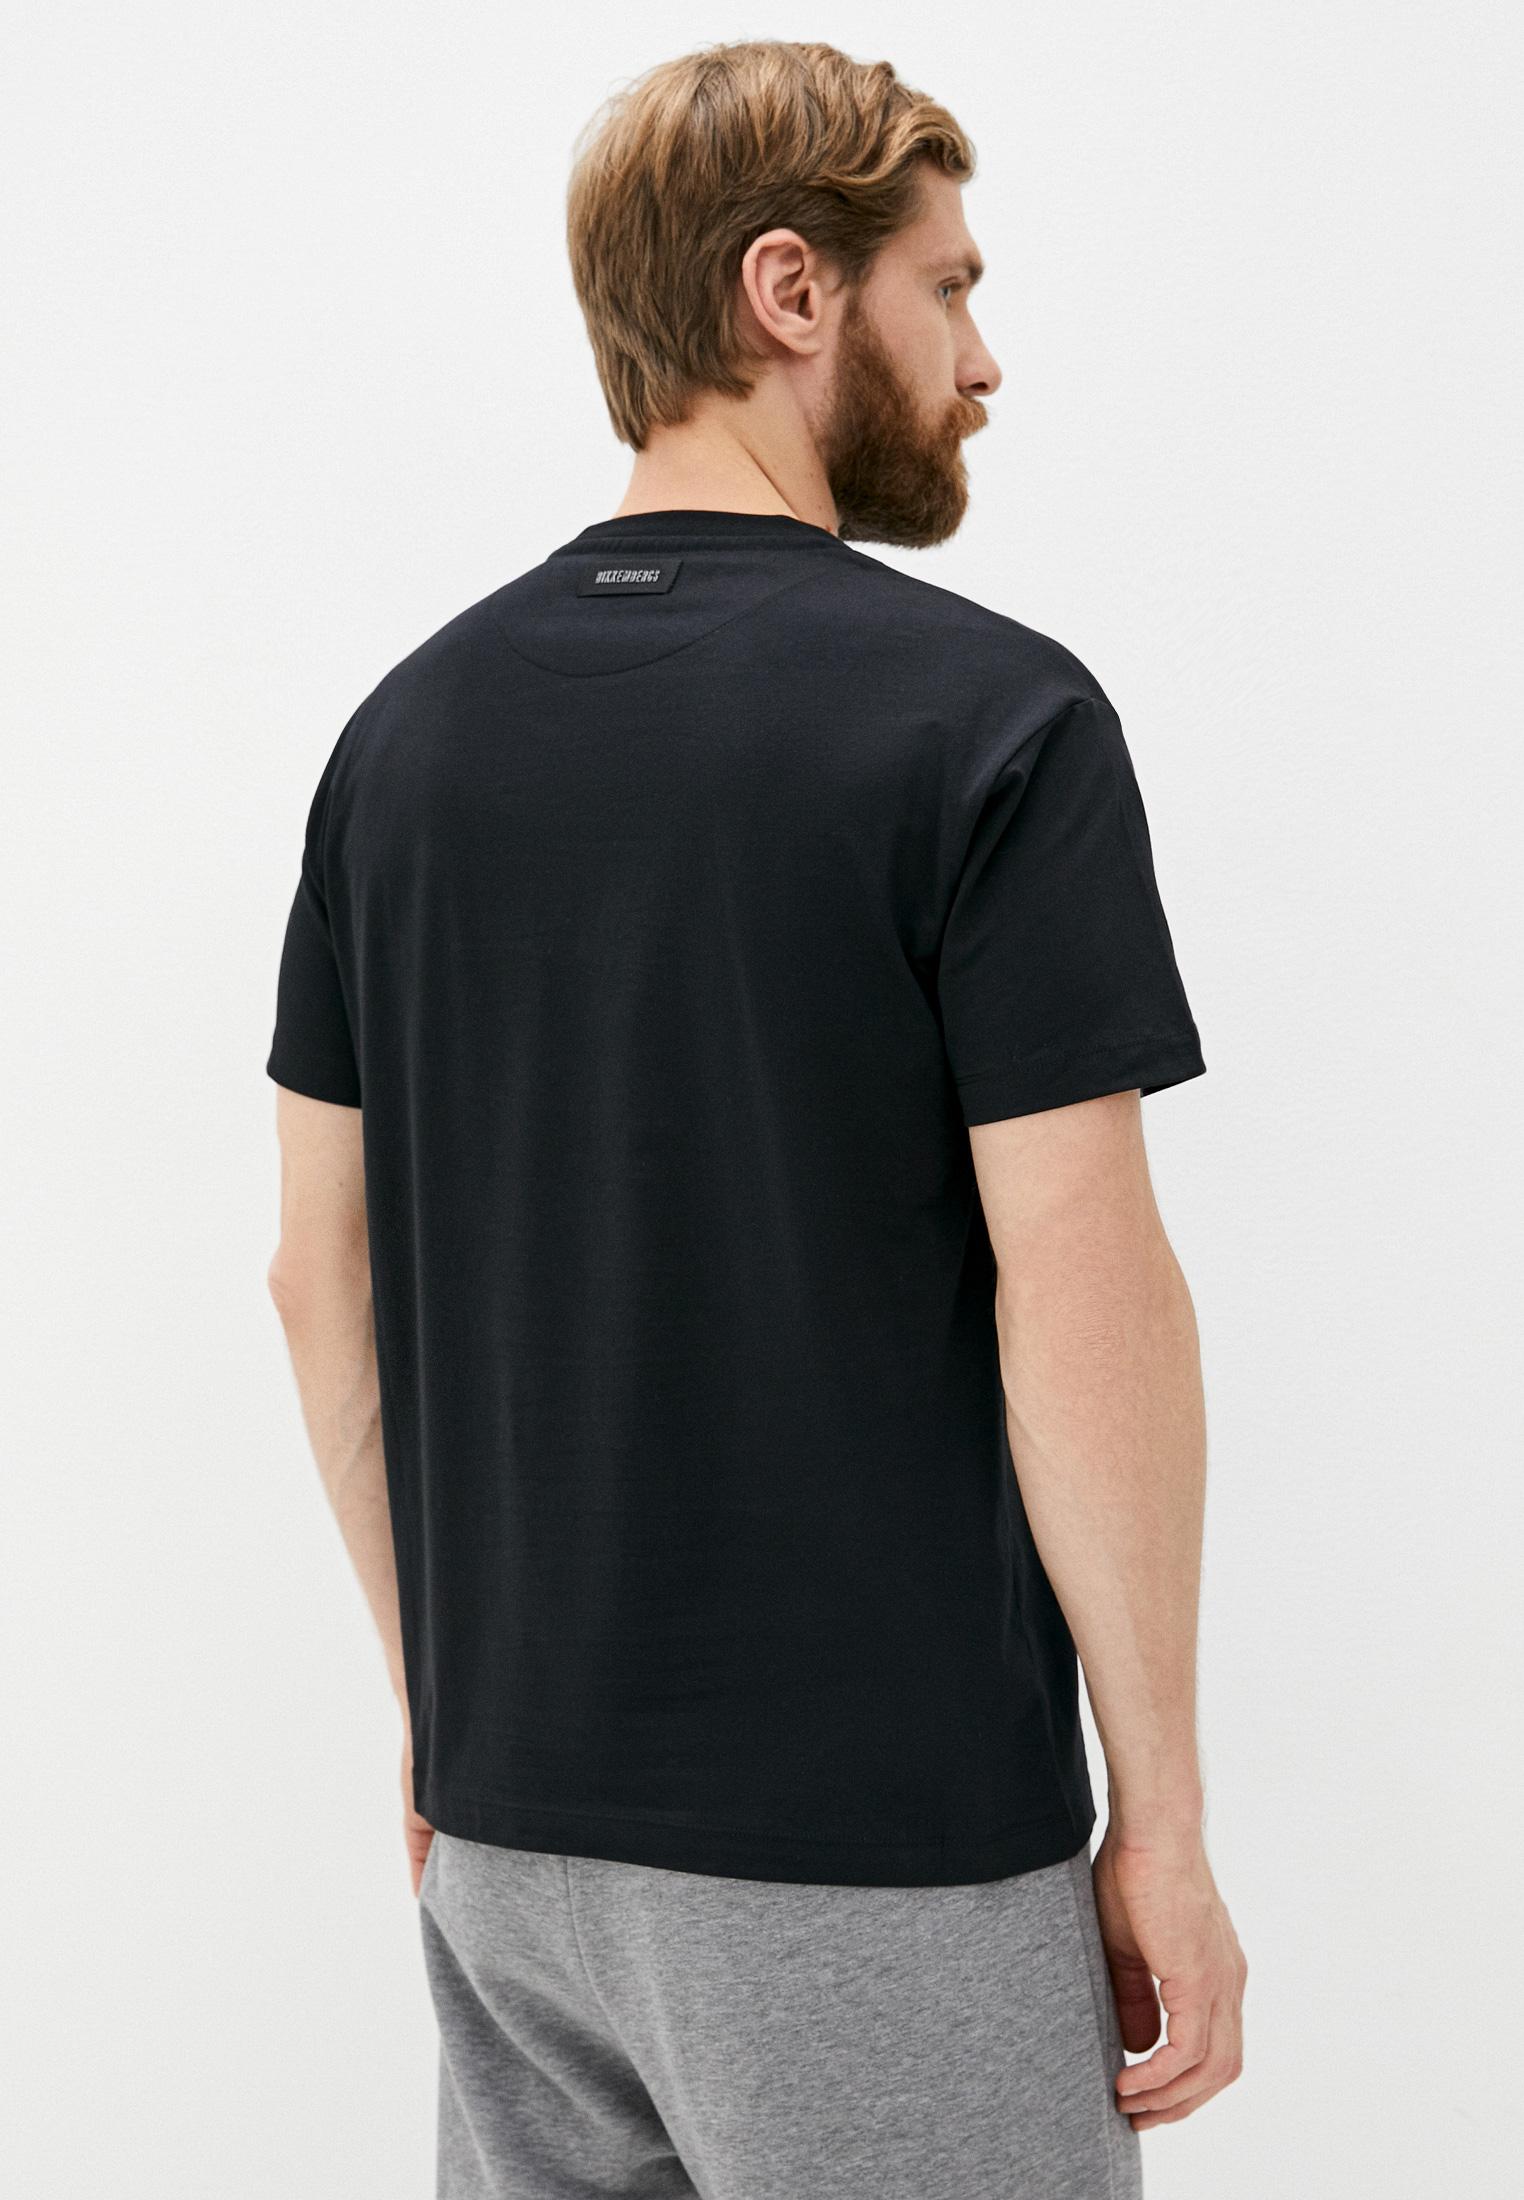 Мужская футболка Bikkembergs (Биккембергс) C 7 022 8T E 1951: изображение 4